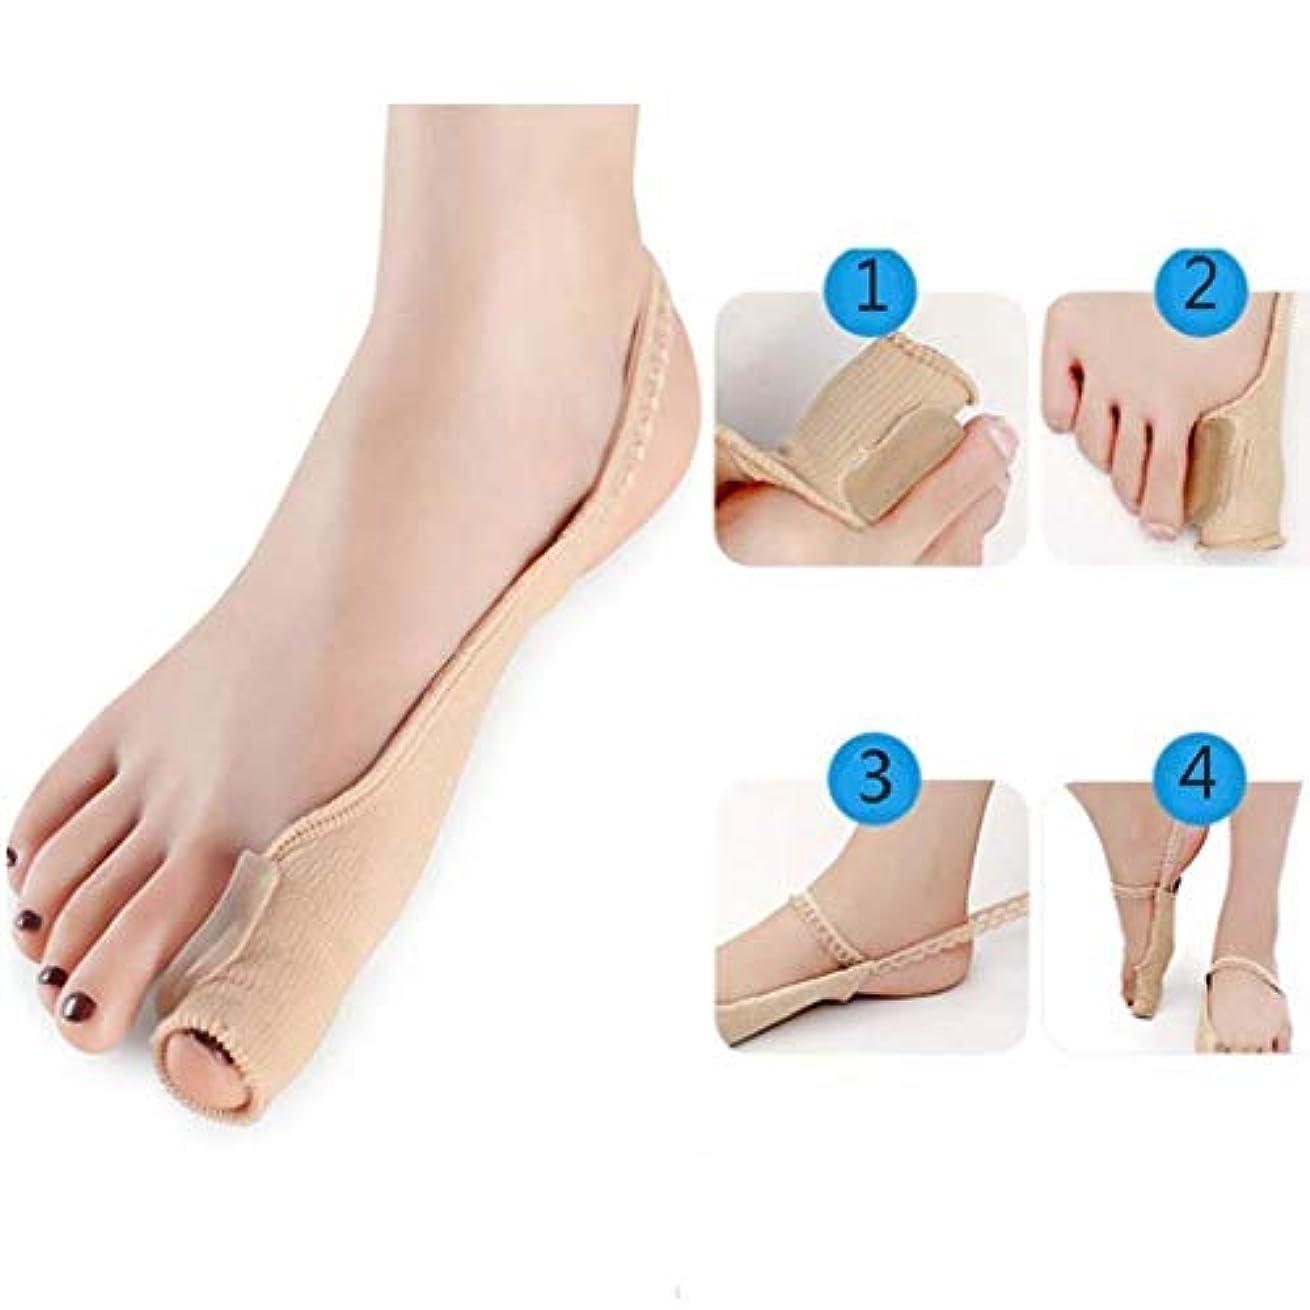 ソフィービヨン頭Bunion Toe Separator、Orthotics Big Toe Straightener Protector Separator、Silicone Toes Separator Big Toe Bunion...